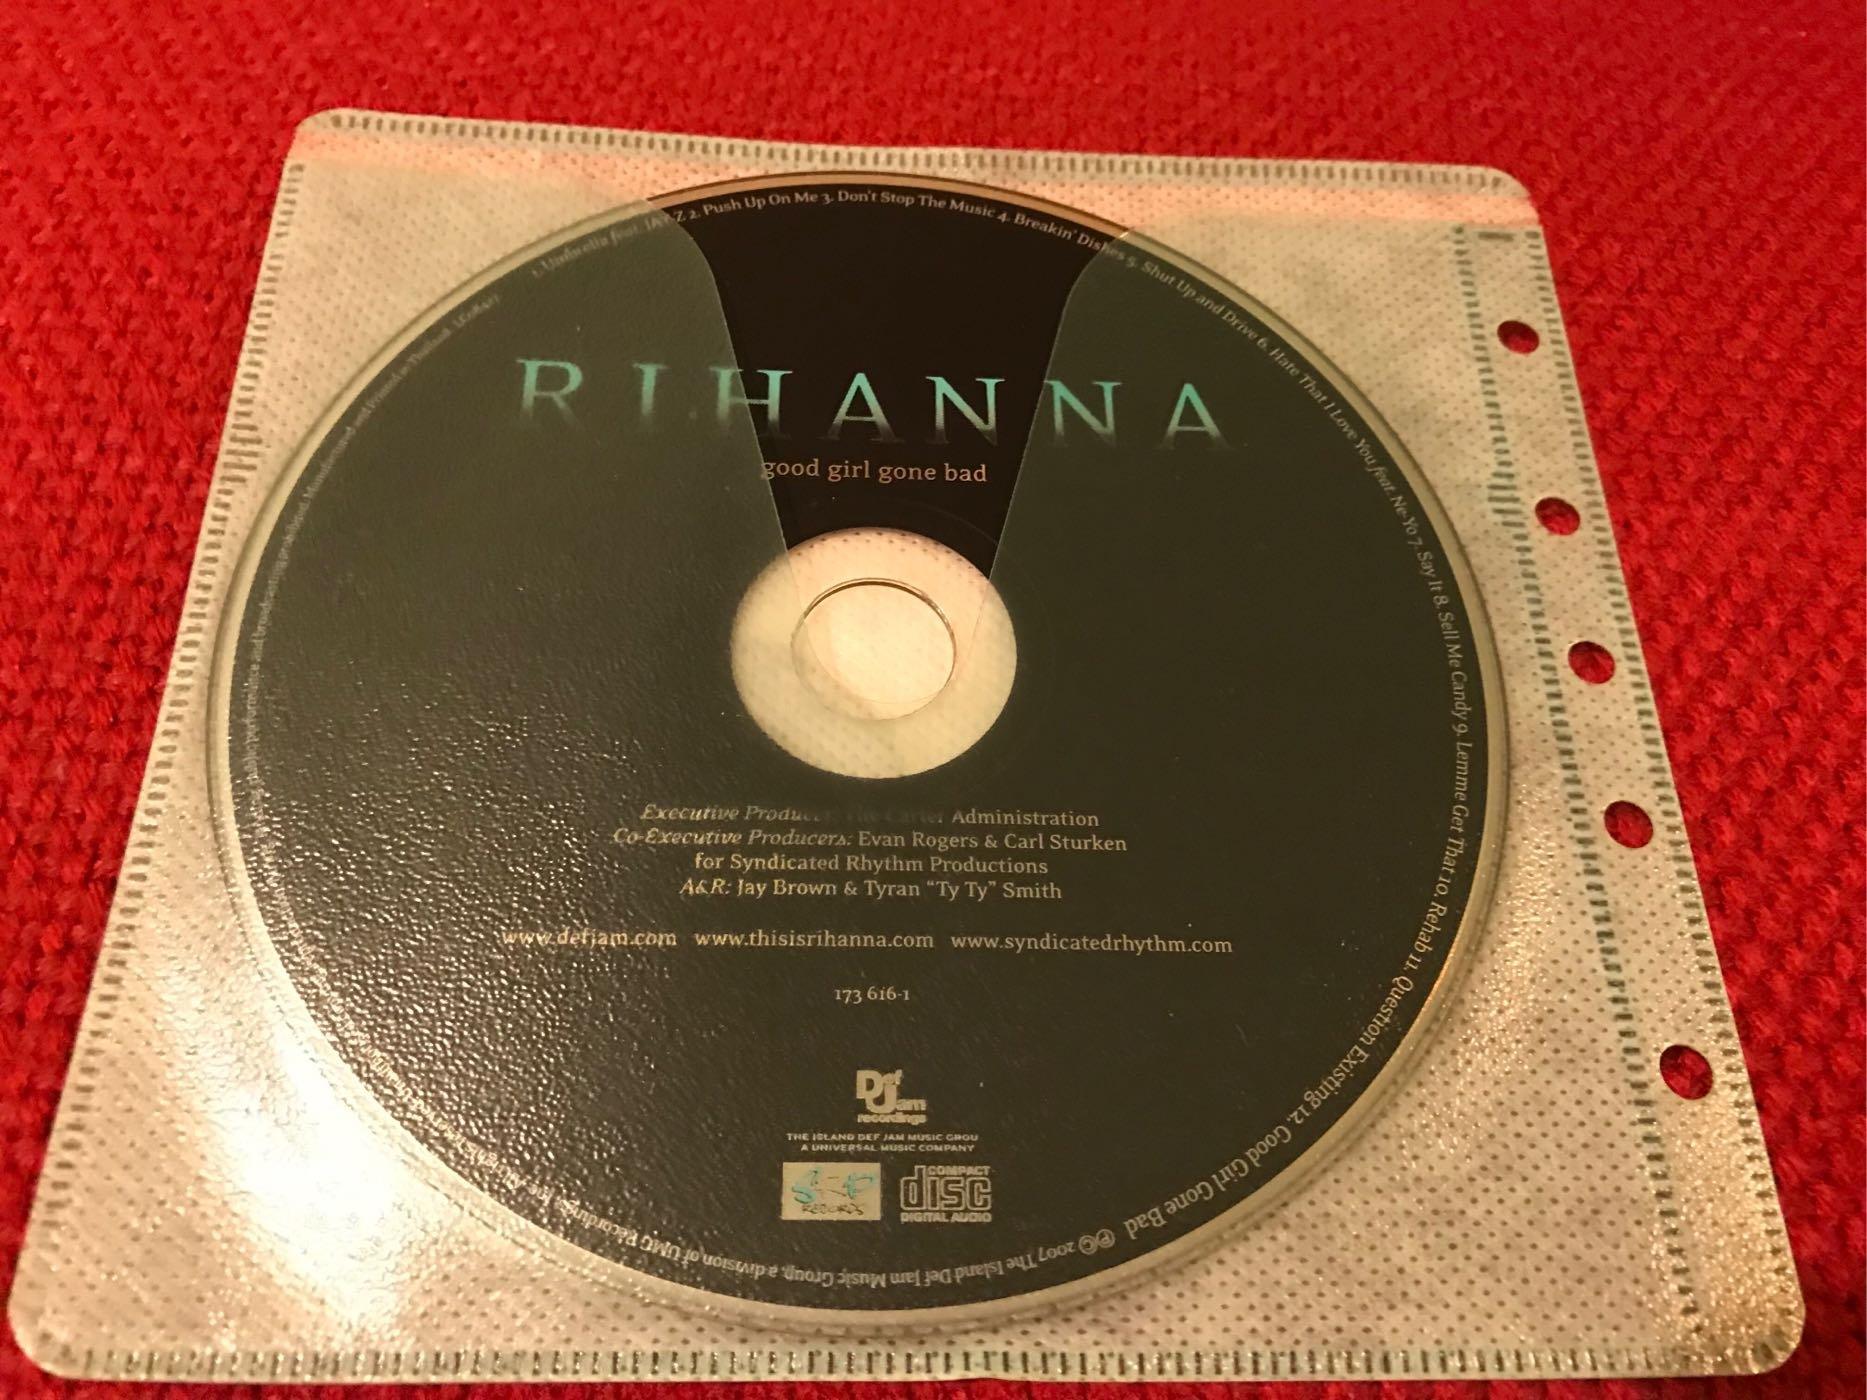 蕾哈娜 Rihanna / Good Girl Gone Bad